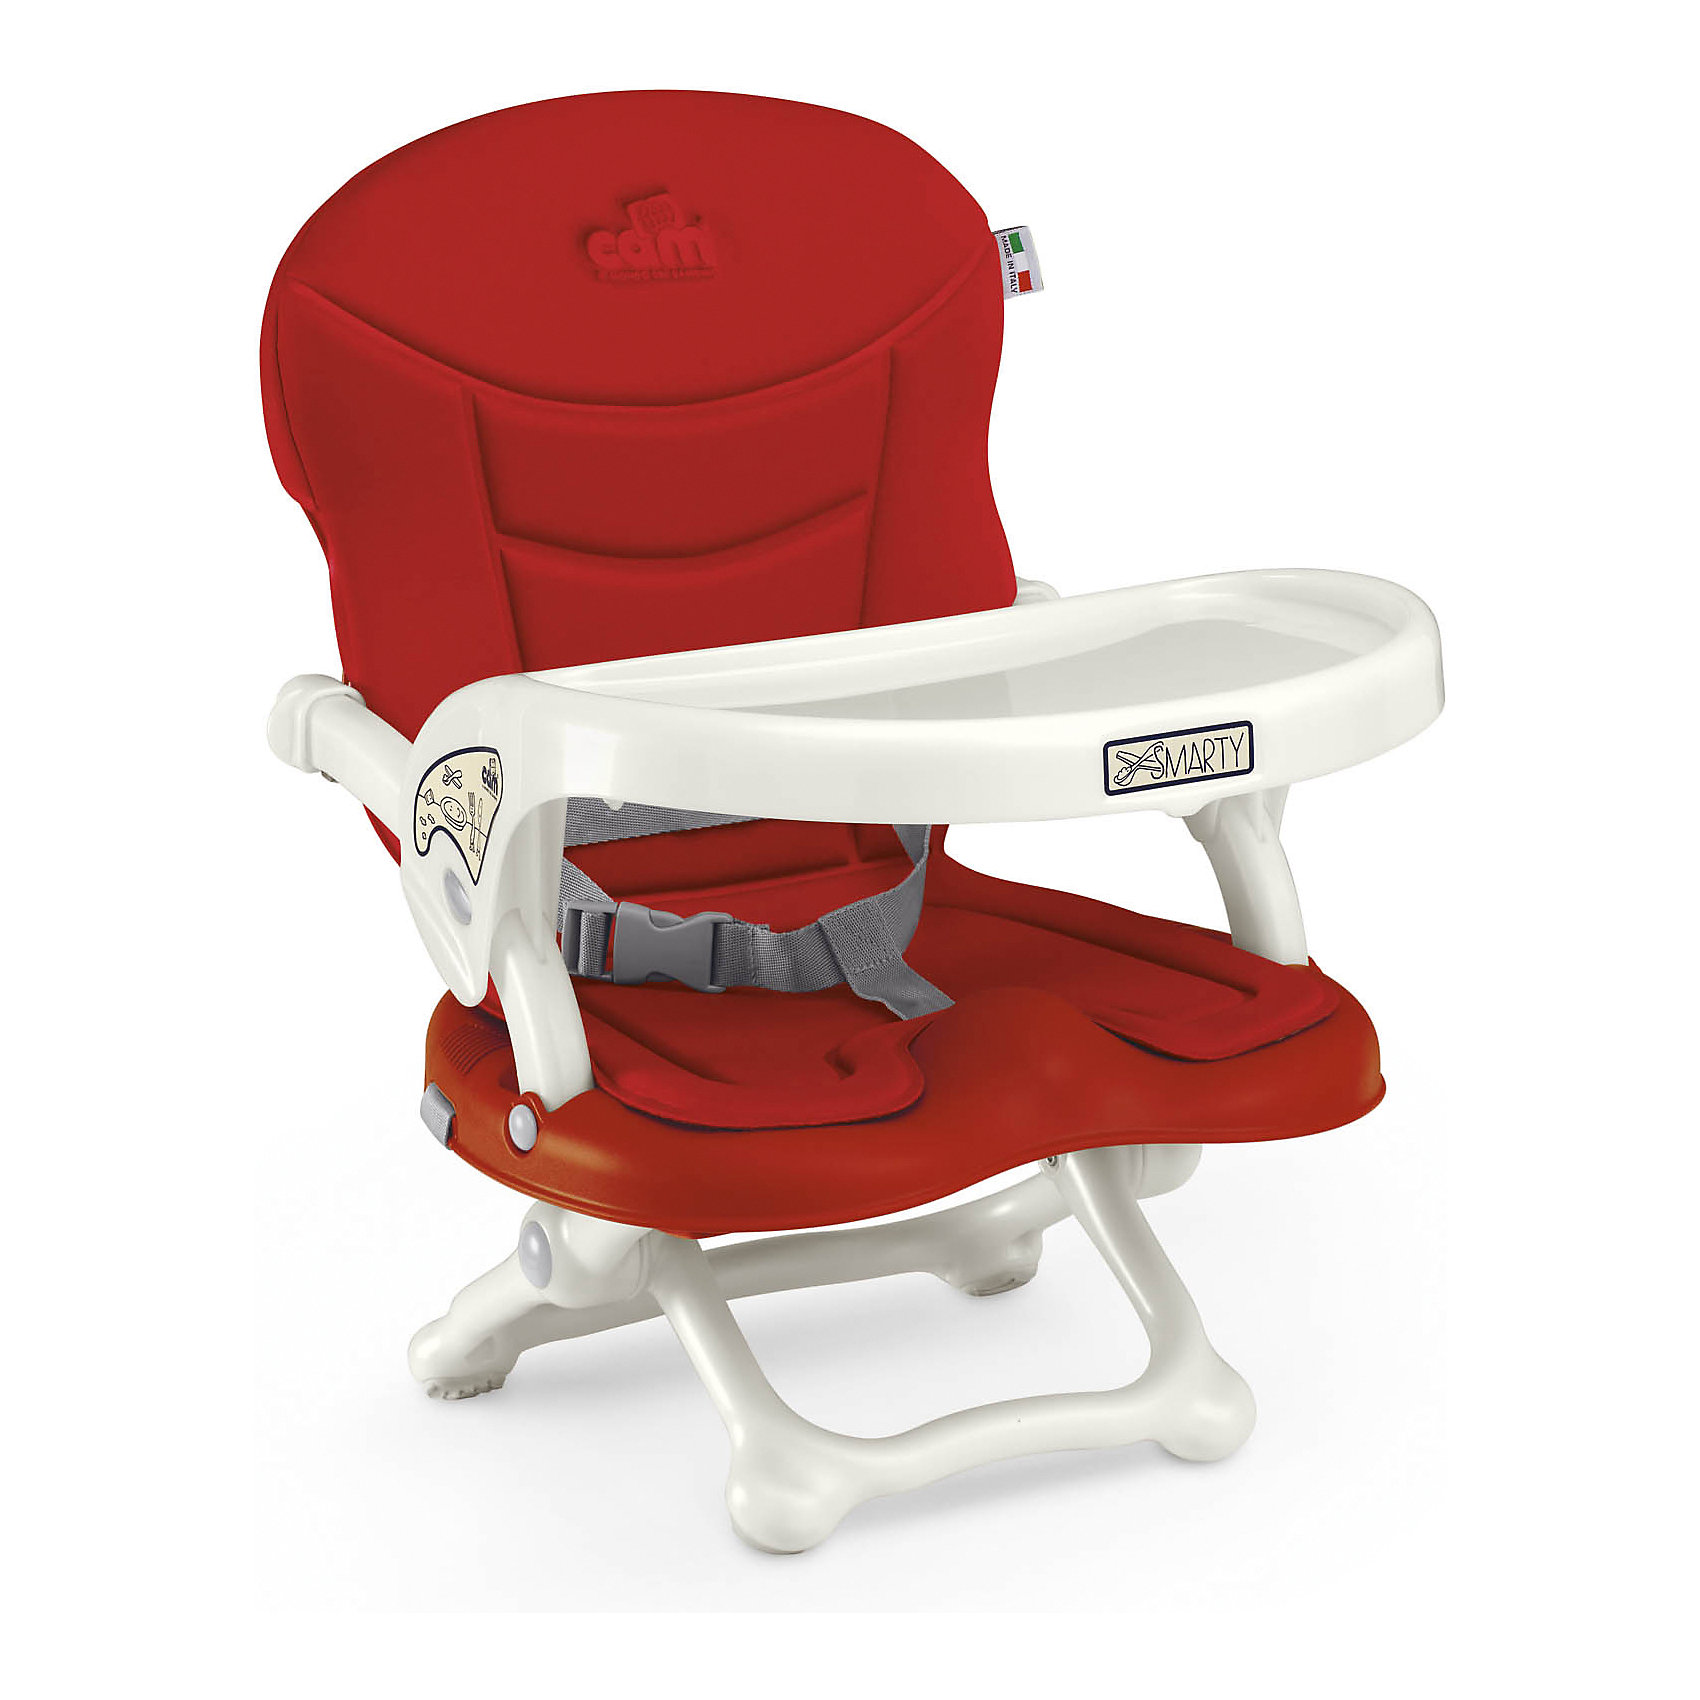 CAM Стульчик для кормления Smarty Pop, CAM, красный cam стульчик для кормления smarty pop cam салатовый bebe amore mio page 7